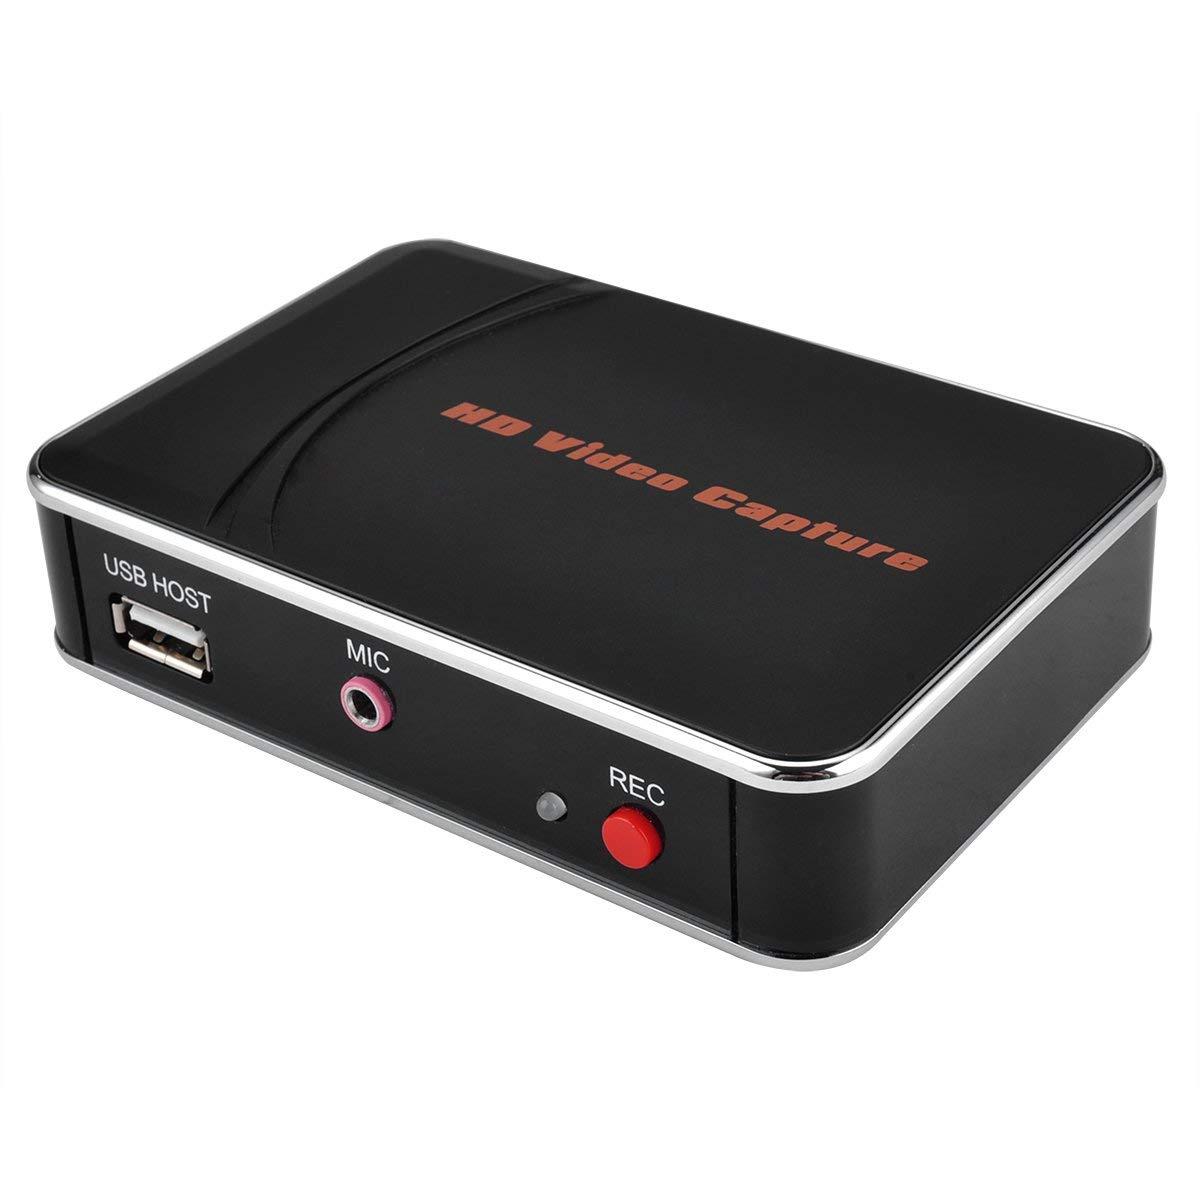 Capture de jeu EZCAP 280HB HDMI 1080 P, Capture de vidéo HDMI vers lecteur Flash USB, passage de la vidéo vers HDTV avec entrée Microphone. US